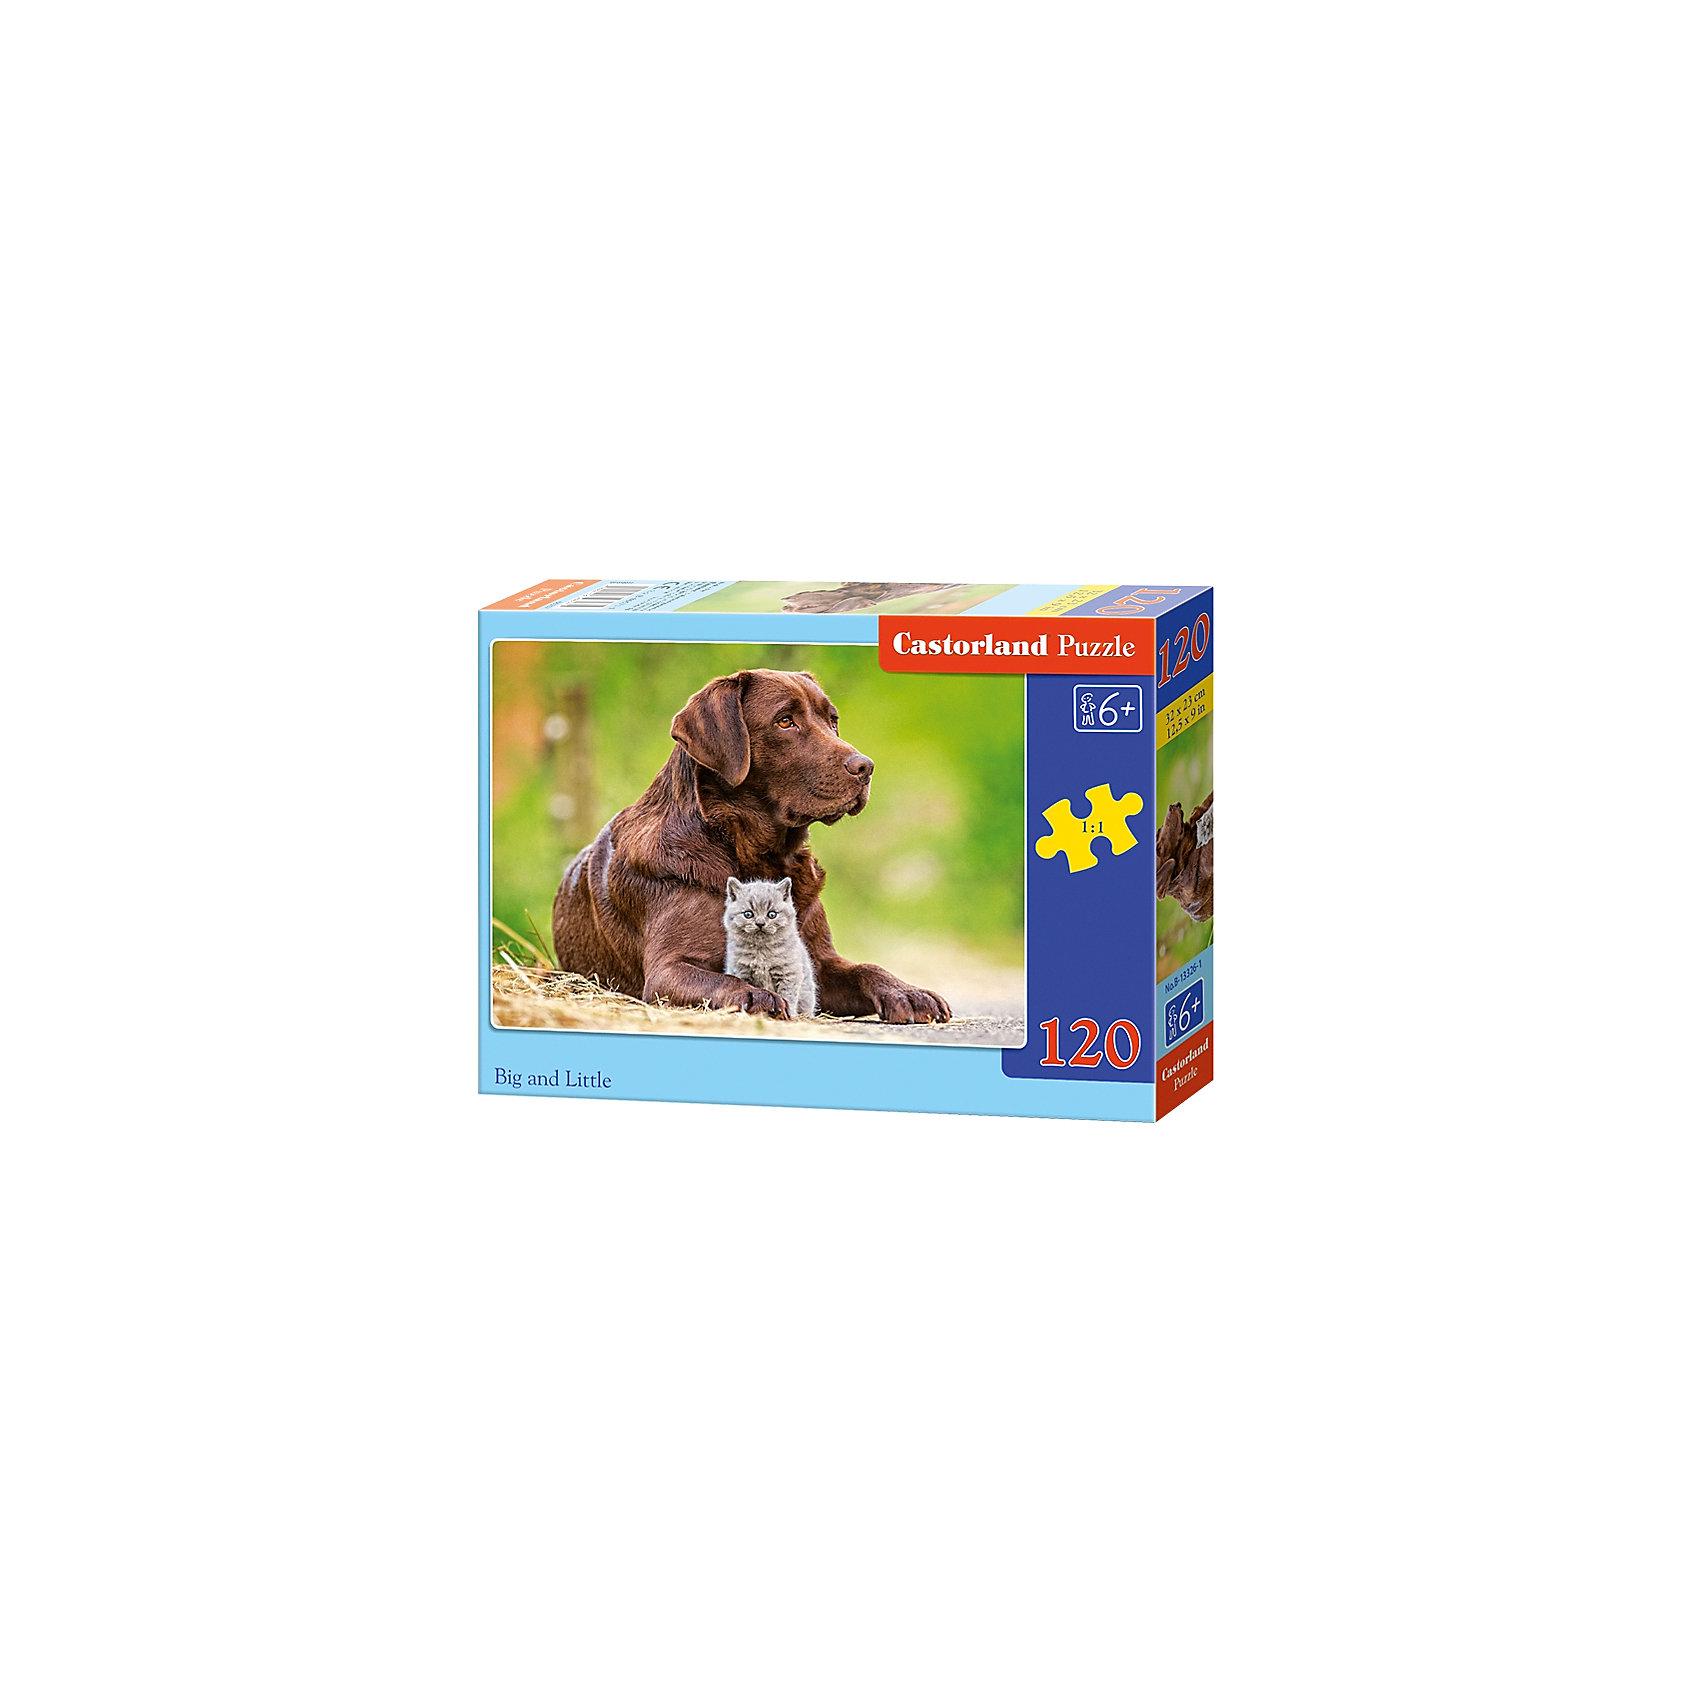 Пазл Castorland Большой и маленький, 120 деталейКлассические пазлы<br>Характеристики:<br><br>• возраст: от 6 лет<br>• количество деталей: 120 шт.<br>• размер собранного пазла: 32х23 см.<br>• материал: картон<br>• упаковка: картонная коробка<br>• размер упаковки: 17,5x3,7x13 см.<br>• вес: 300 гр.<br>• страна обладатель бренда: Польша<br><br>Пазл «Собака и котенок» от Castorland (Касторленд) отличается высоким качеством, высоким уровнем полиграфии, насыщенными цветами и идеальной стыковкой элементов. Из 120 элементов пазла ребенок соберет трогательную картинку с изображением большого пса и пушистого серого котенка.<br><br>Пазл Собака и котенок, 120 деталей, Castorland (Касторленд) можно купить в нашем интернет-магазине.<br><br>Ширина мм: 175<br>Глубина мм: 130<br>Высота мм: 37<br>Вес г: 300<br>Возраст от месяцев: 72<br>Возраст до месяцев: 2147483647<br>Пол: Унисекс<br>Возраст: Детский<br>SKU: 6725103